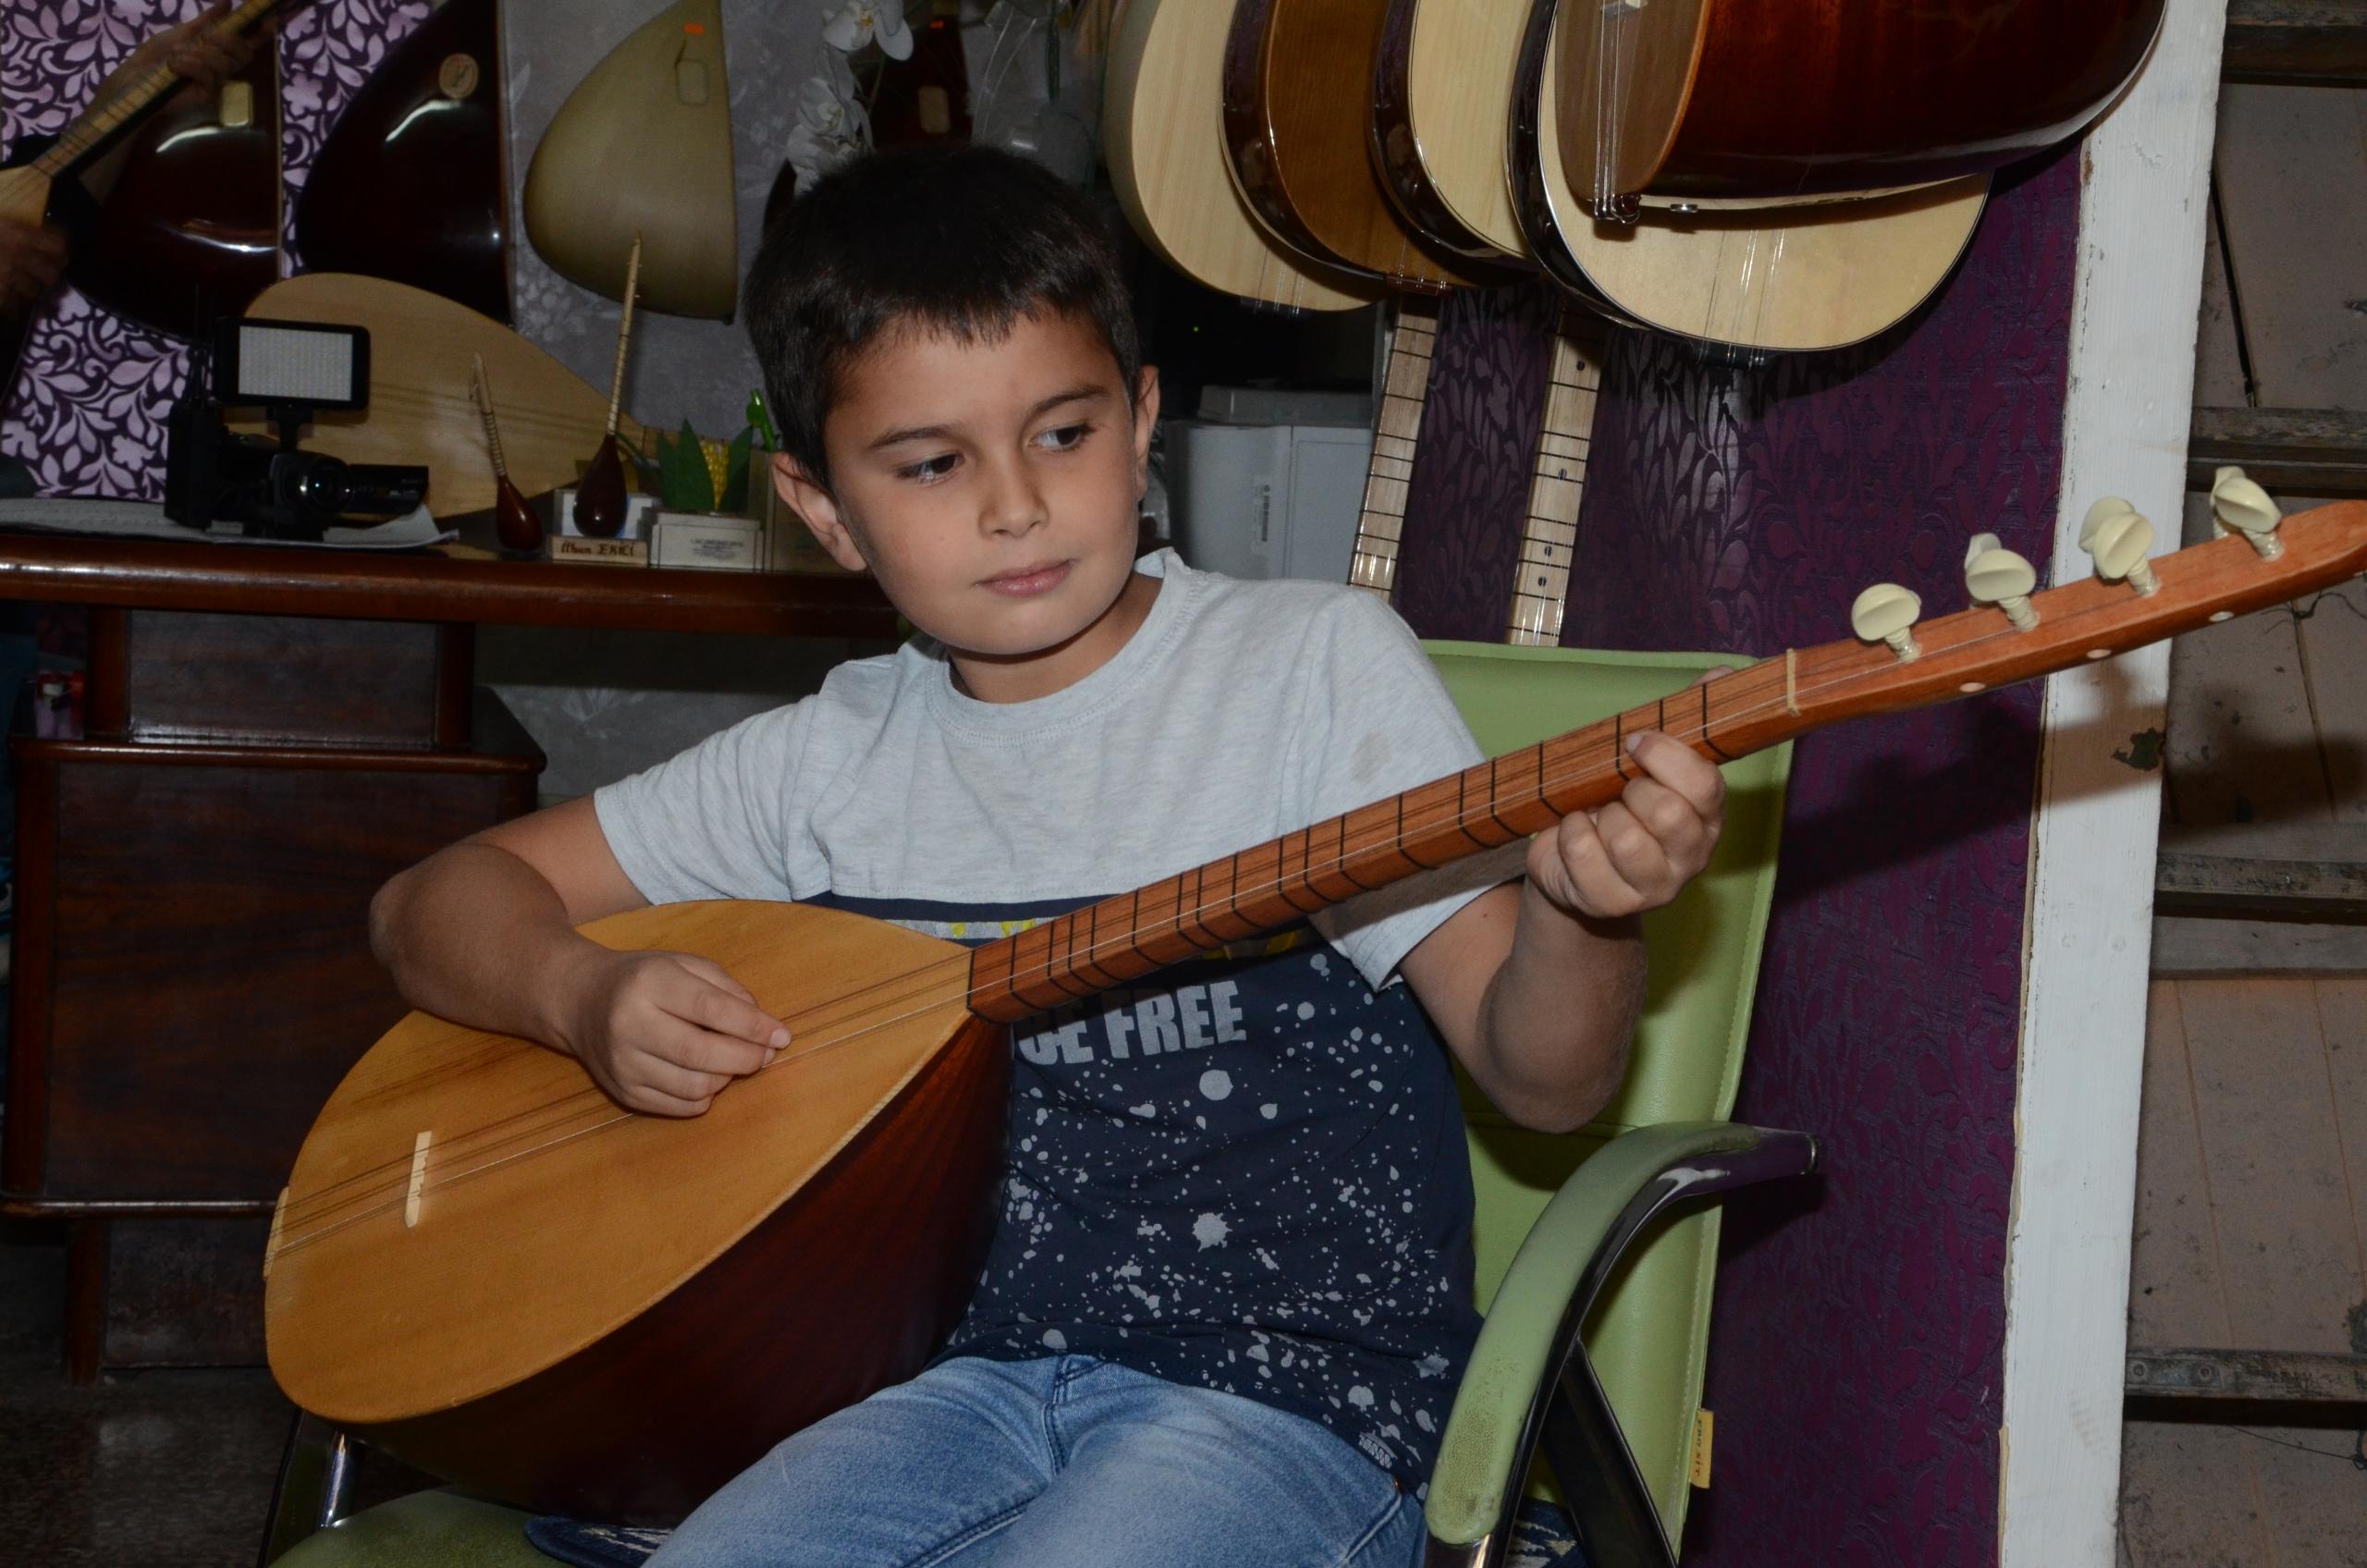 Gaziantepli Küçük 'Ozan' kültüre sahip çıkıyor